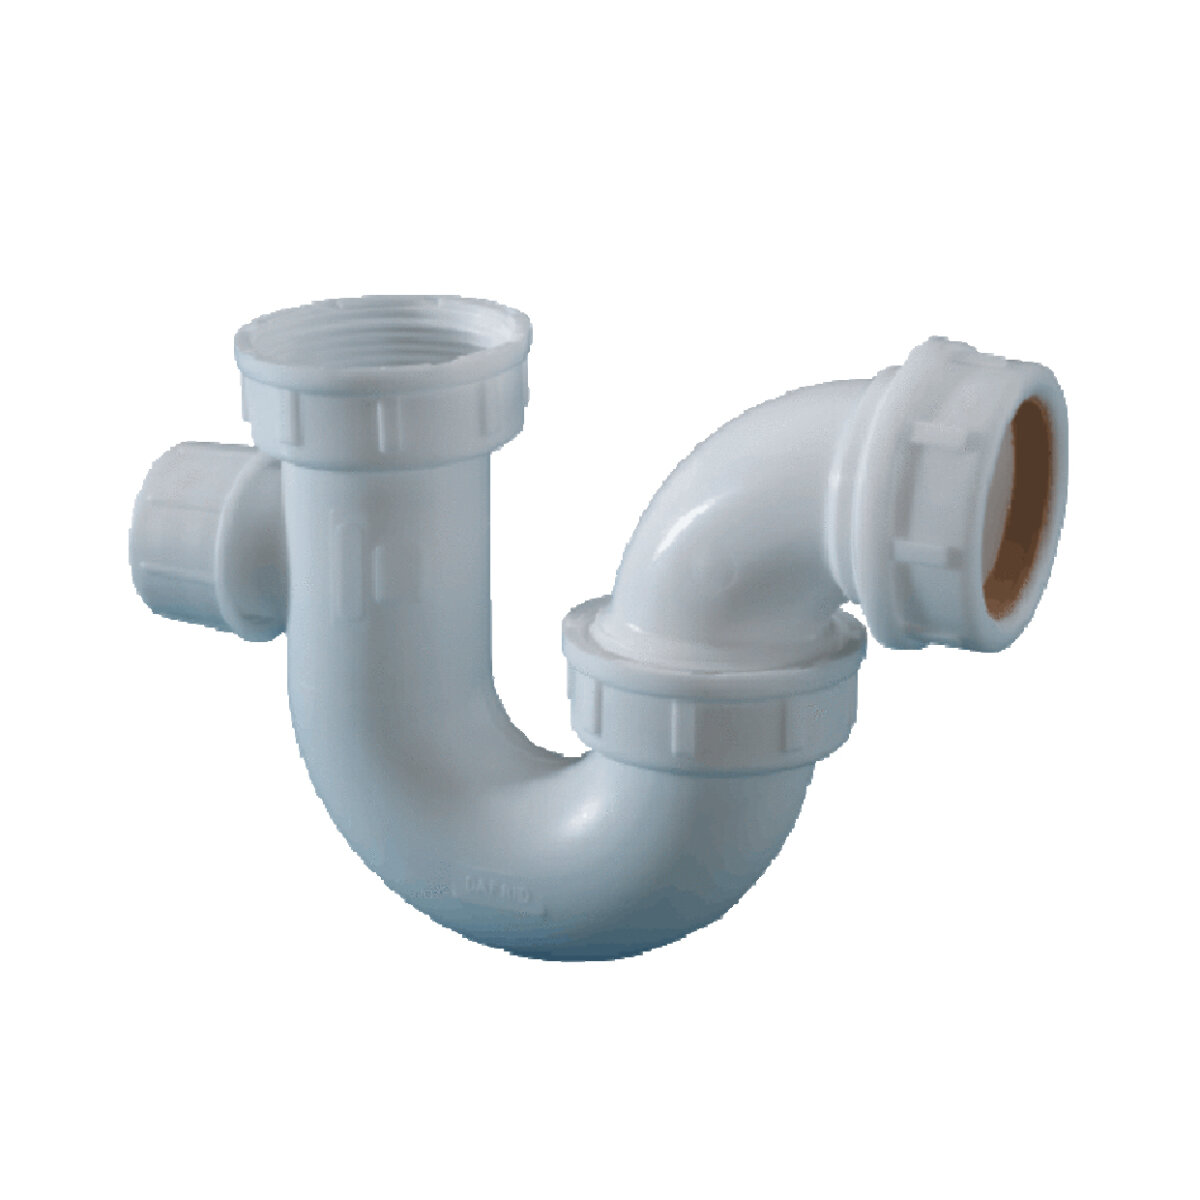 dutton_DB12A_BATH P-TRAP PVC 40MM_Stiles_Product_Image